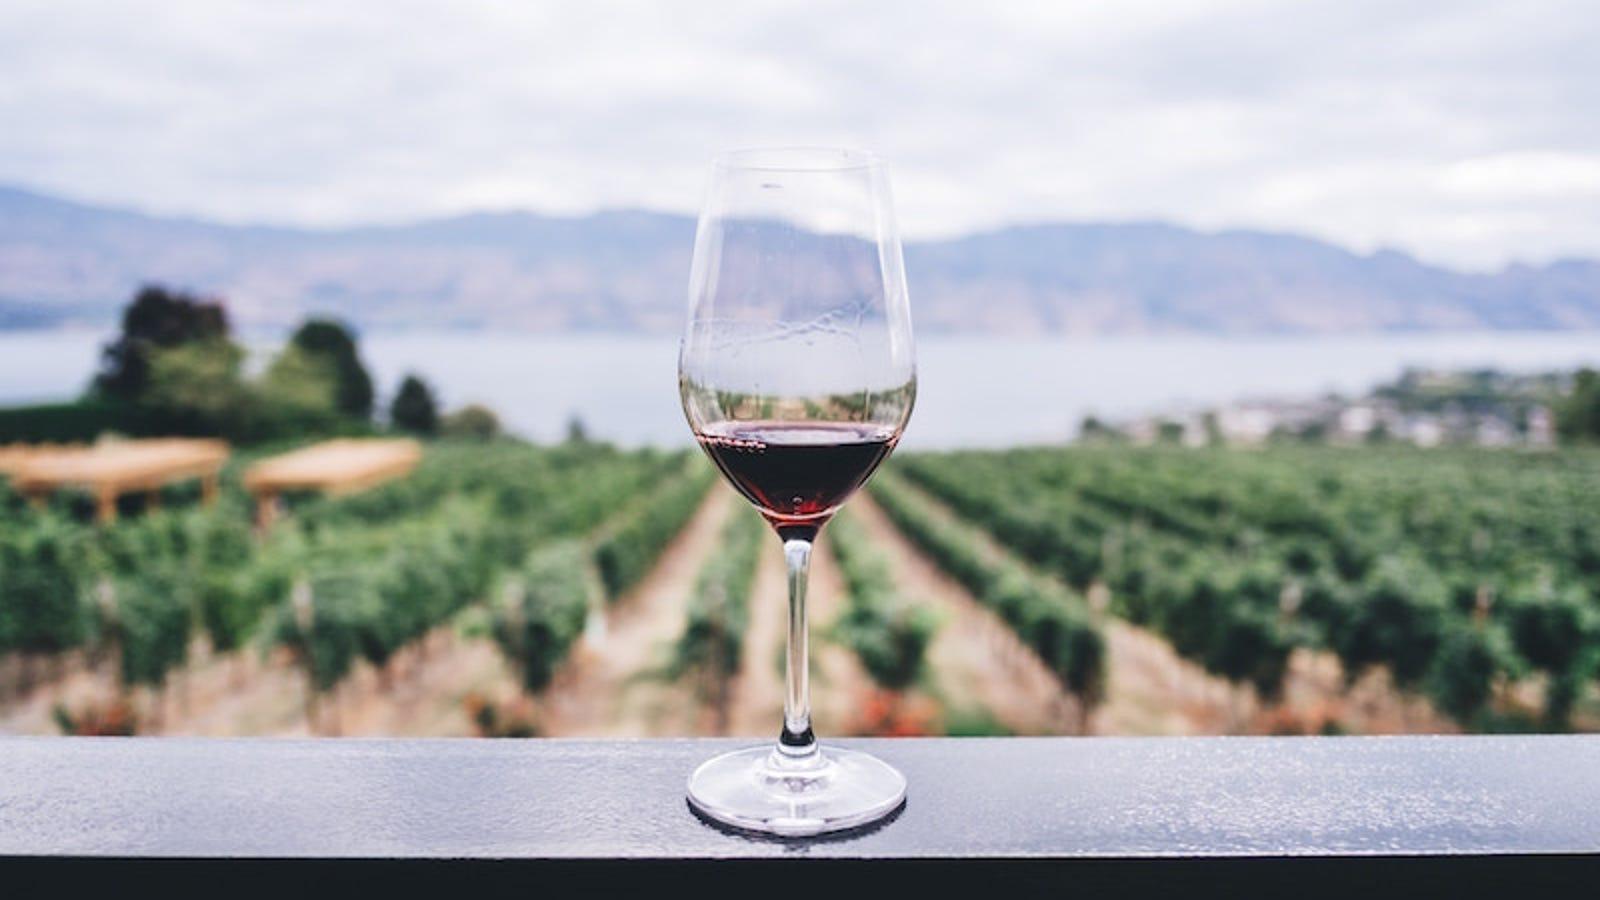 Por qué el diseño de una copa de vino puede afectar el sabor de la bebida